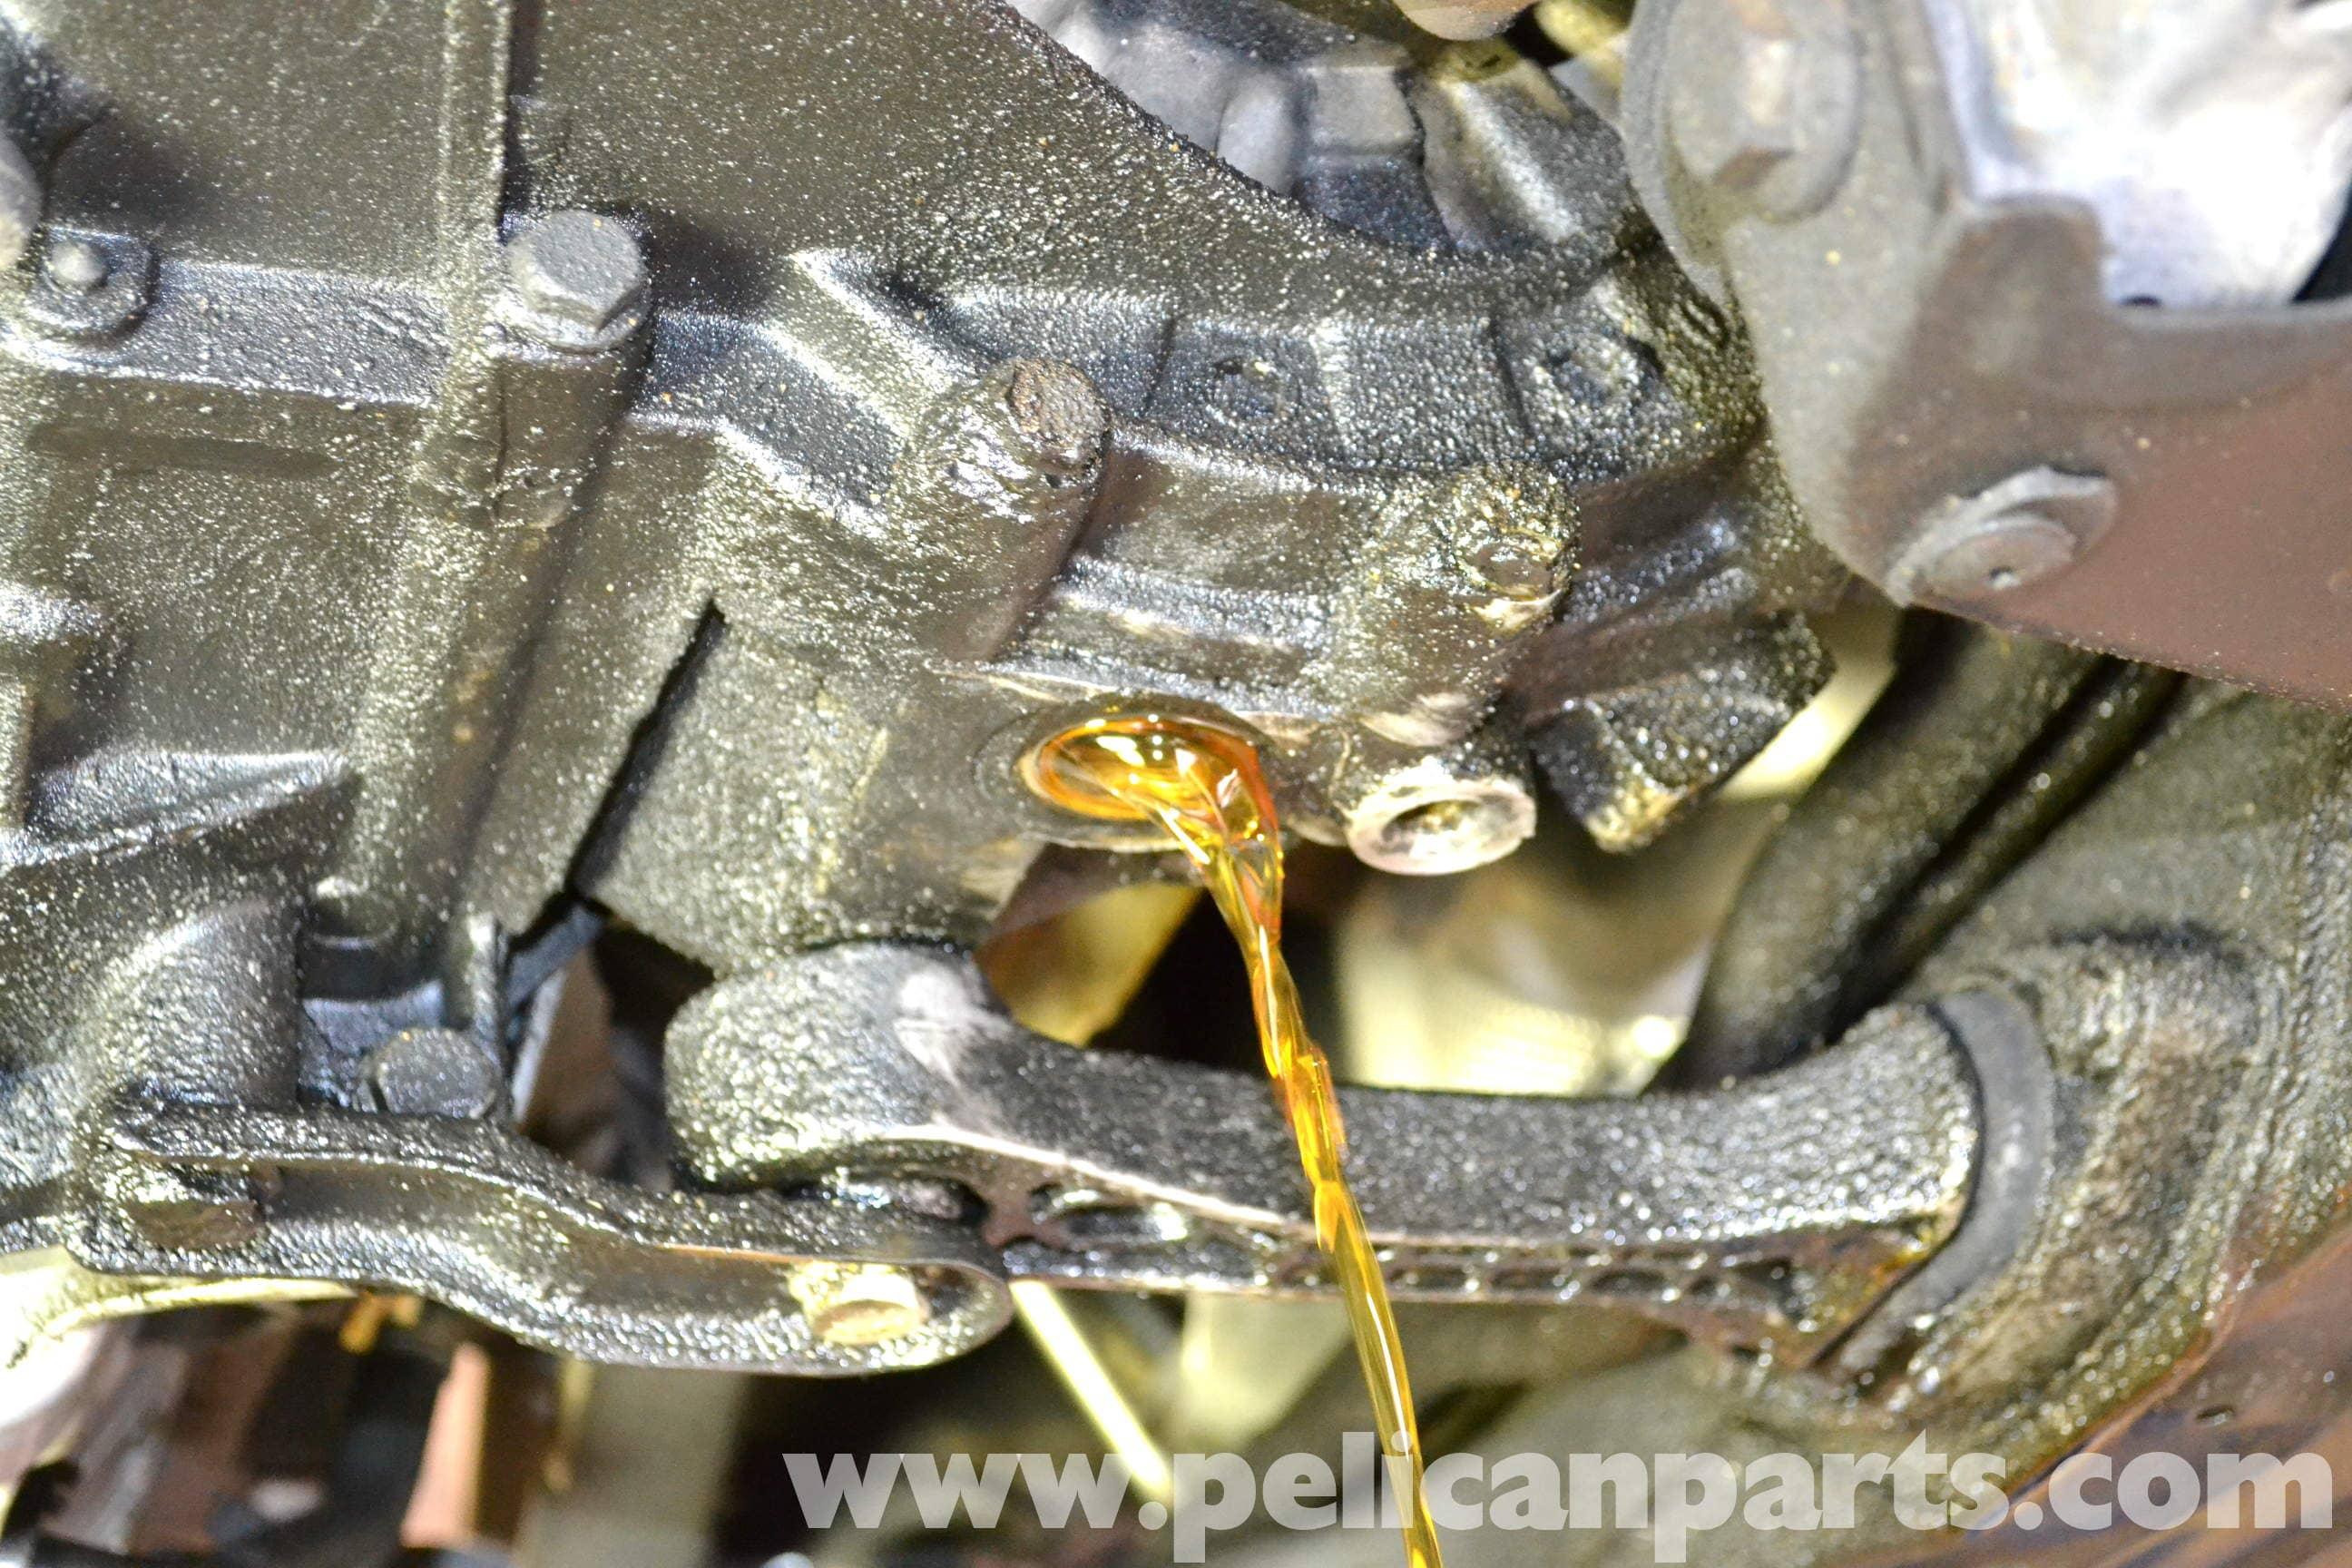 Volkswagen Golf Gti Mk Iv Manual Transmission Fluid Change 1999